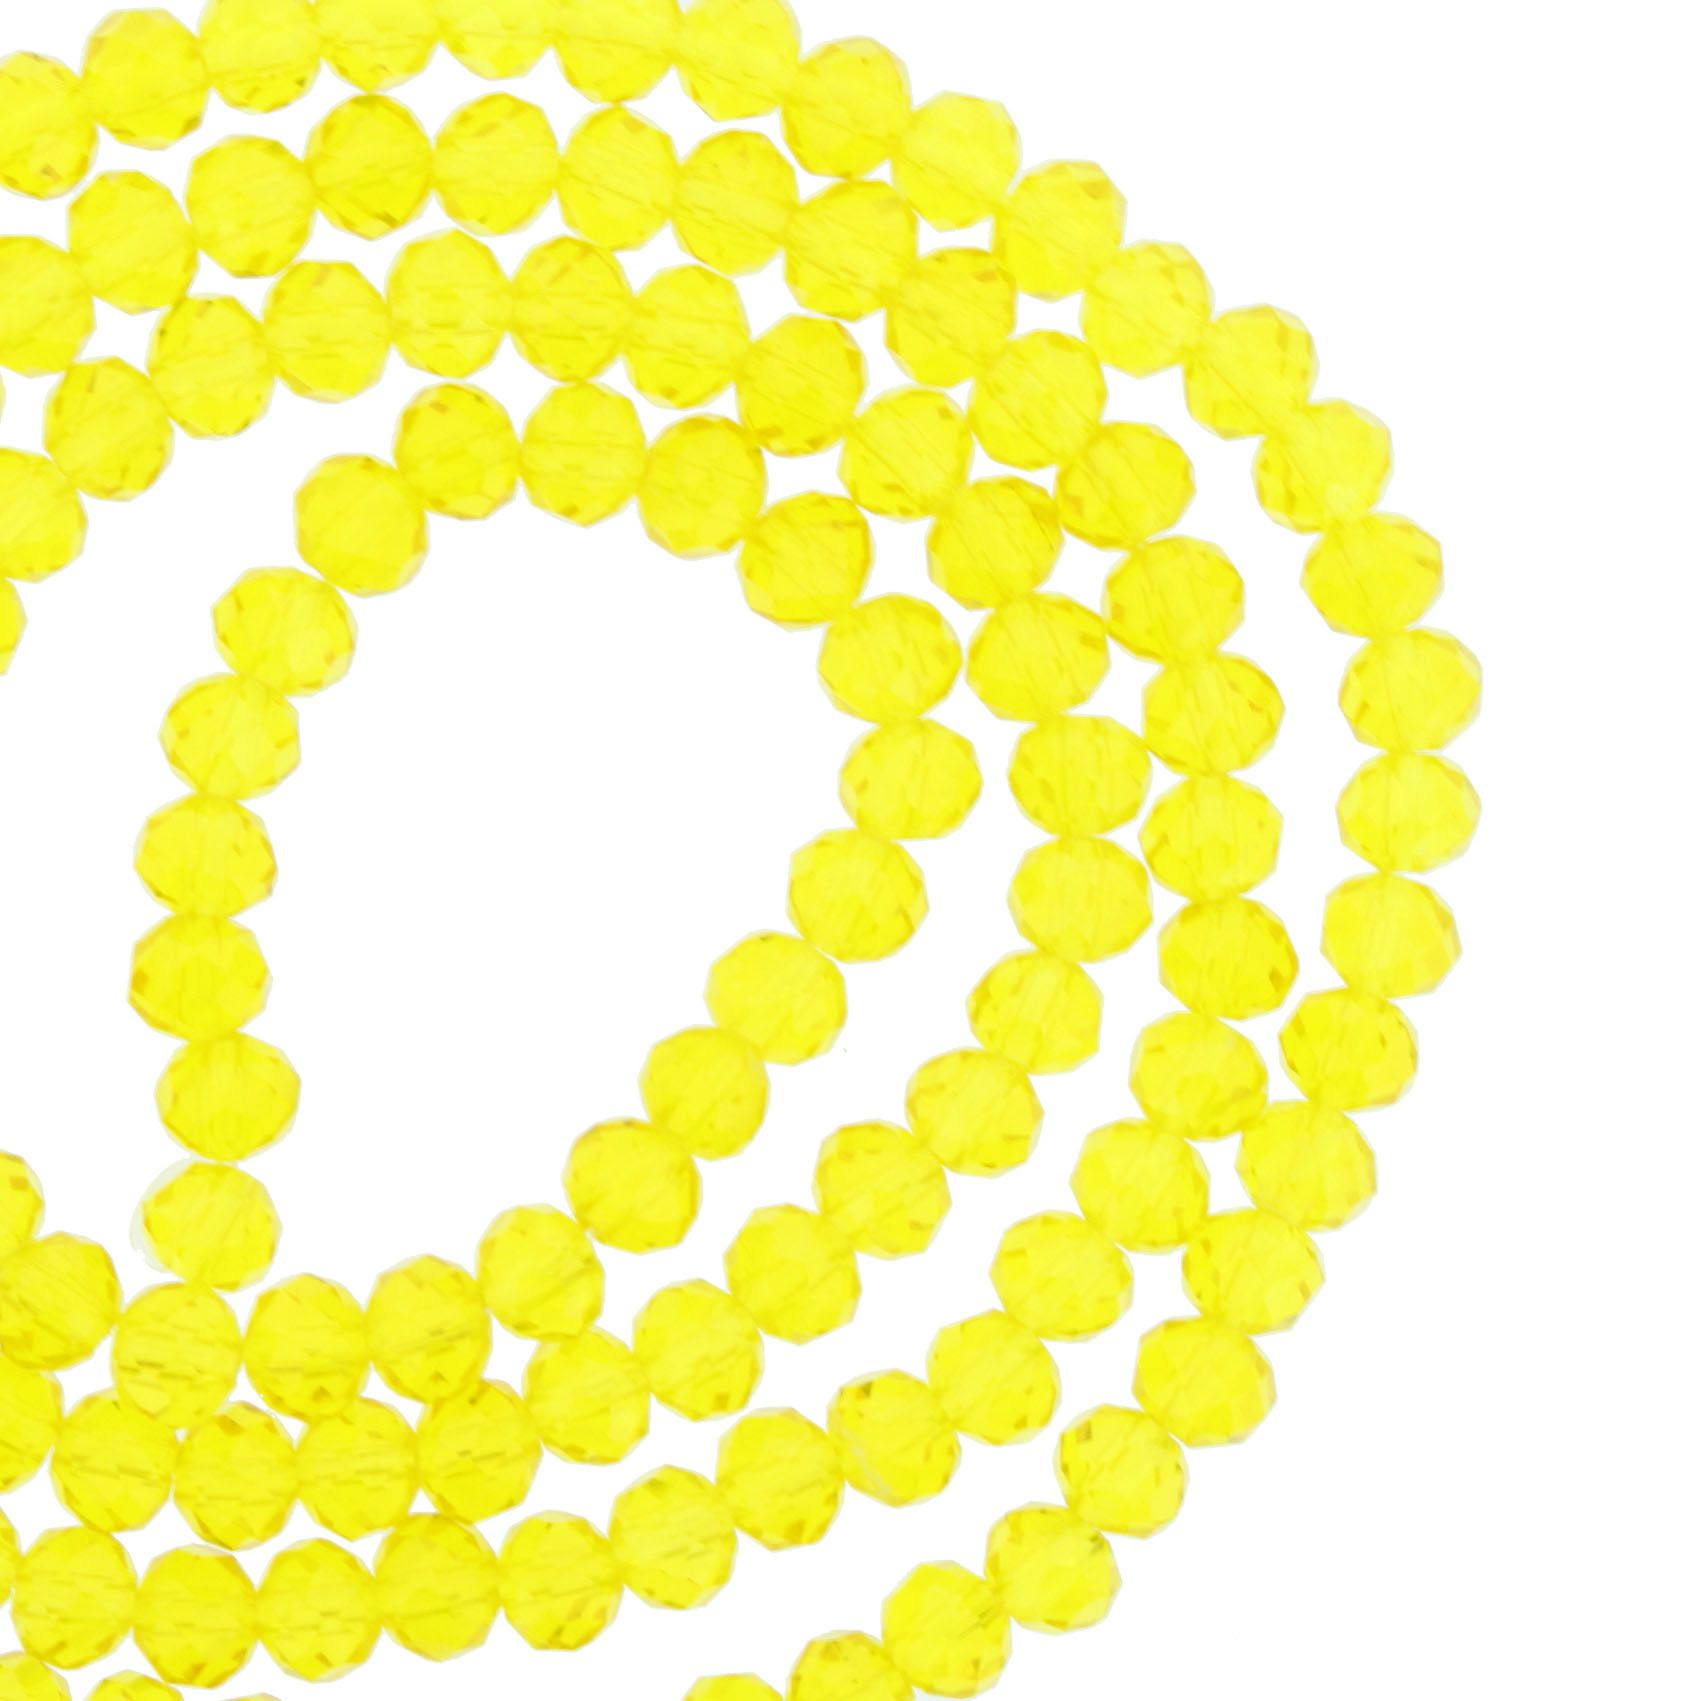 Fio de Cristal - Piatto® - Amarelo Transparente - 4mm  - Universo Religioso® - Artigos de Umbanda e Candomblé